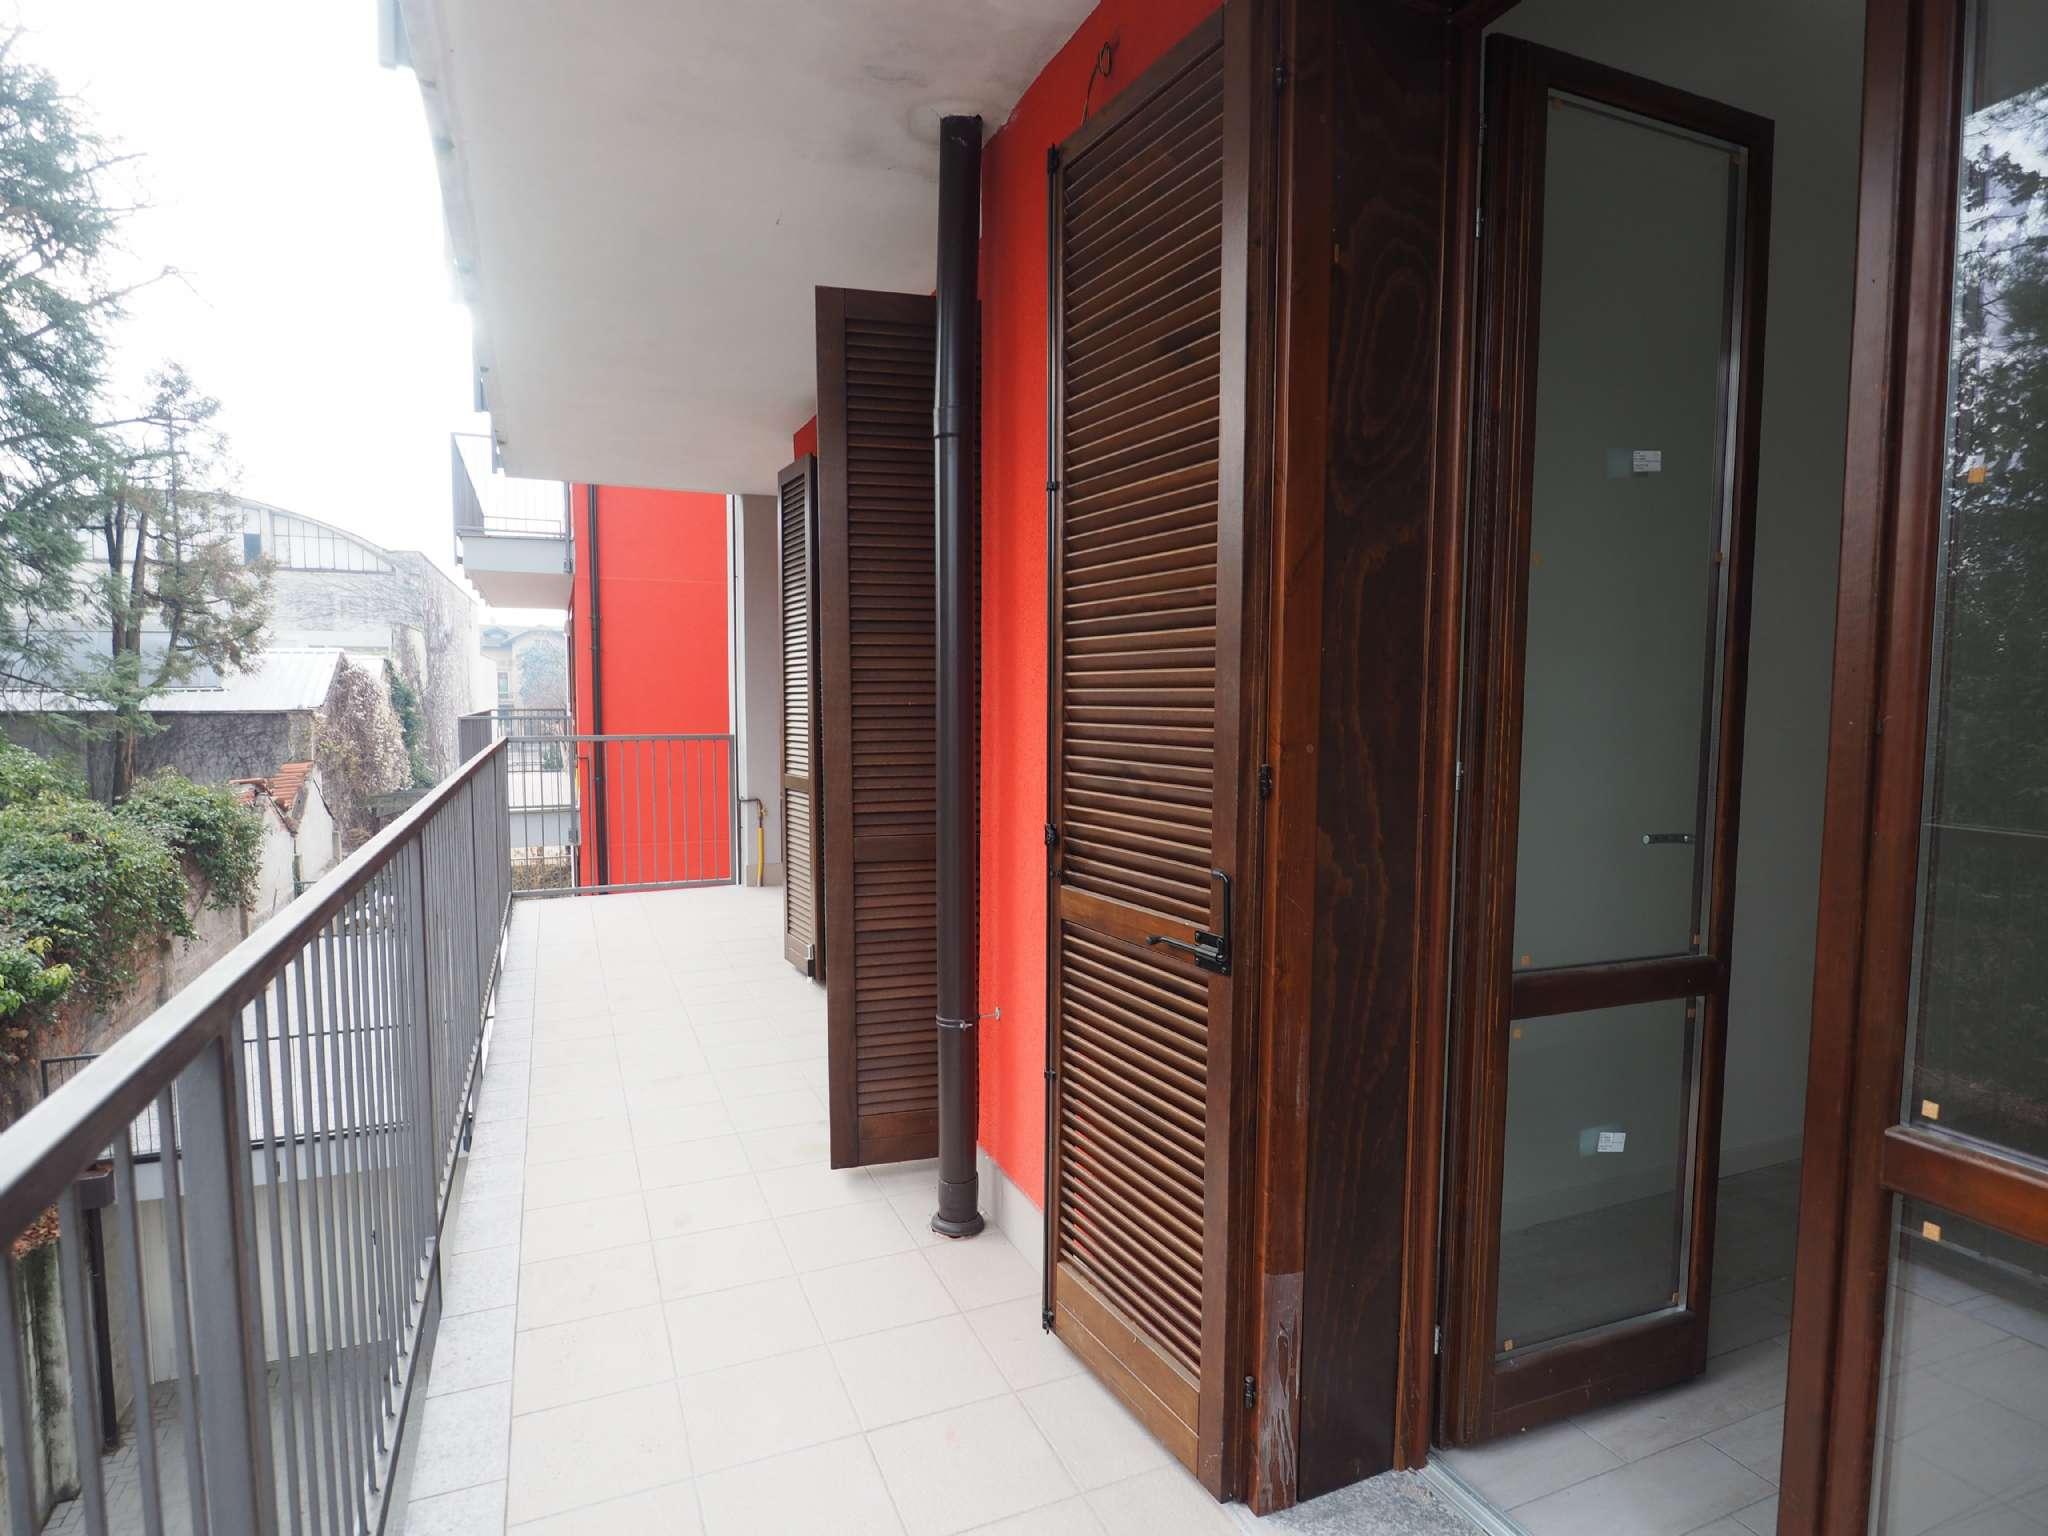 Appartamento in vendita a Cassano Magnago, 3 locali, prezzo € 143.000   CambioCasa.it